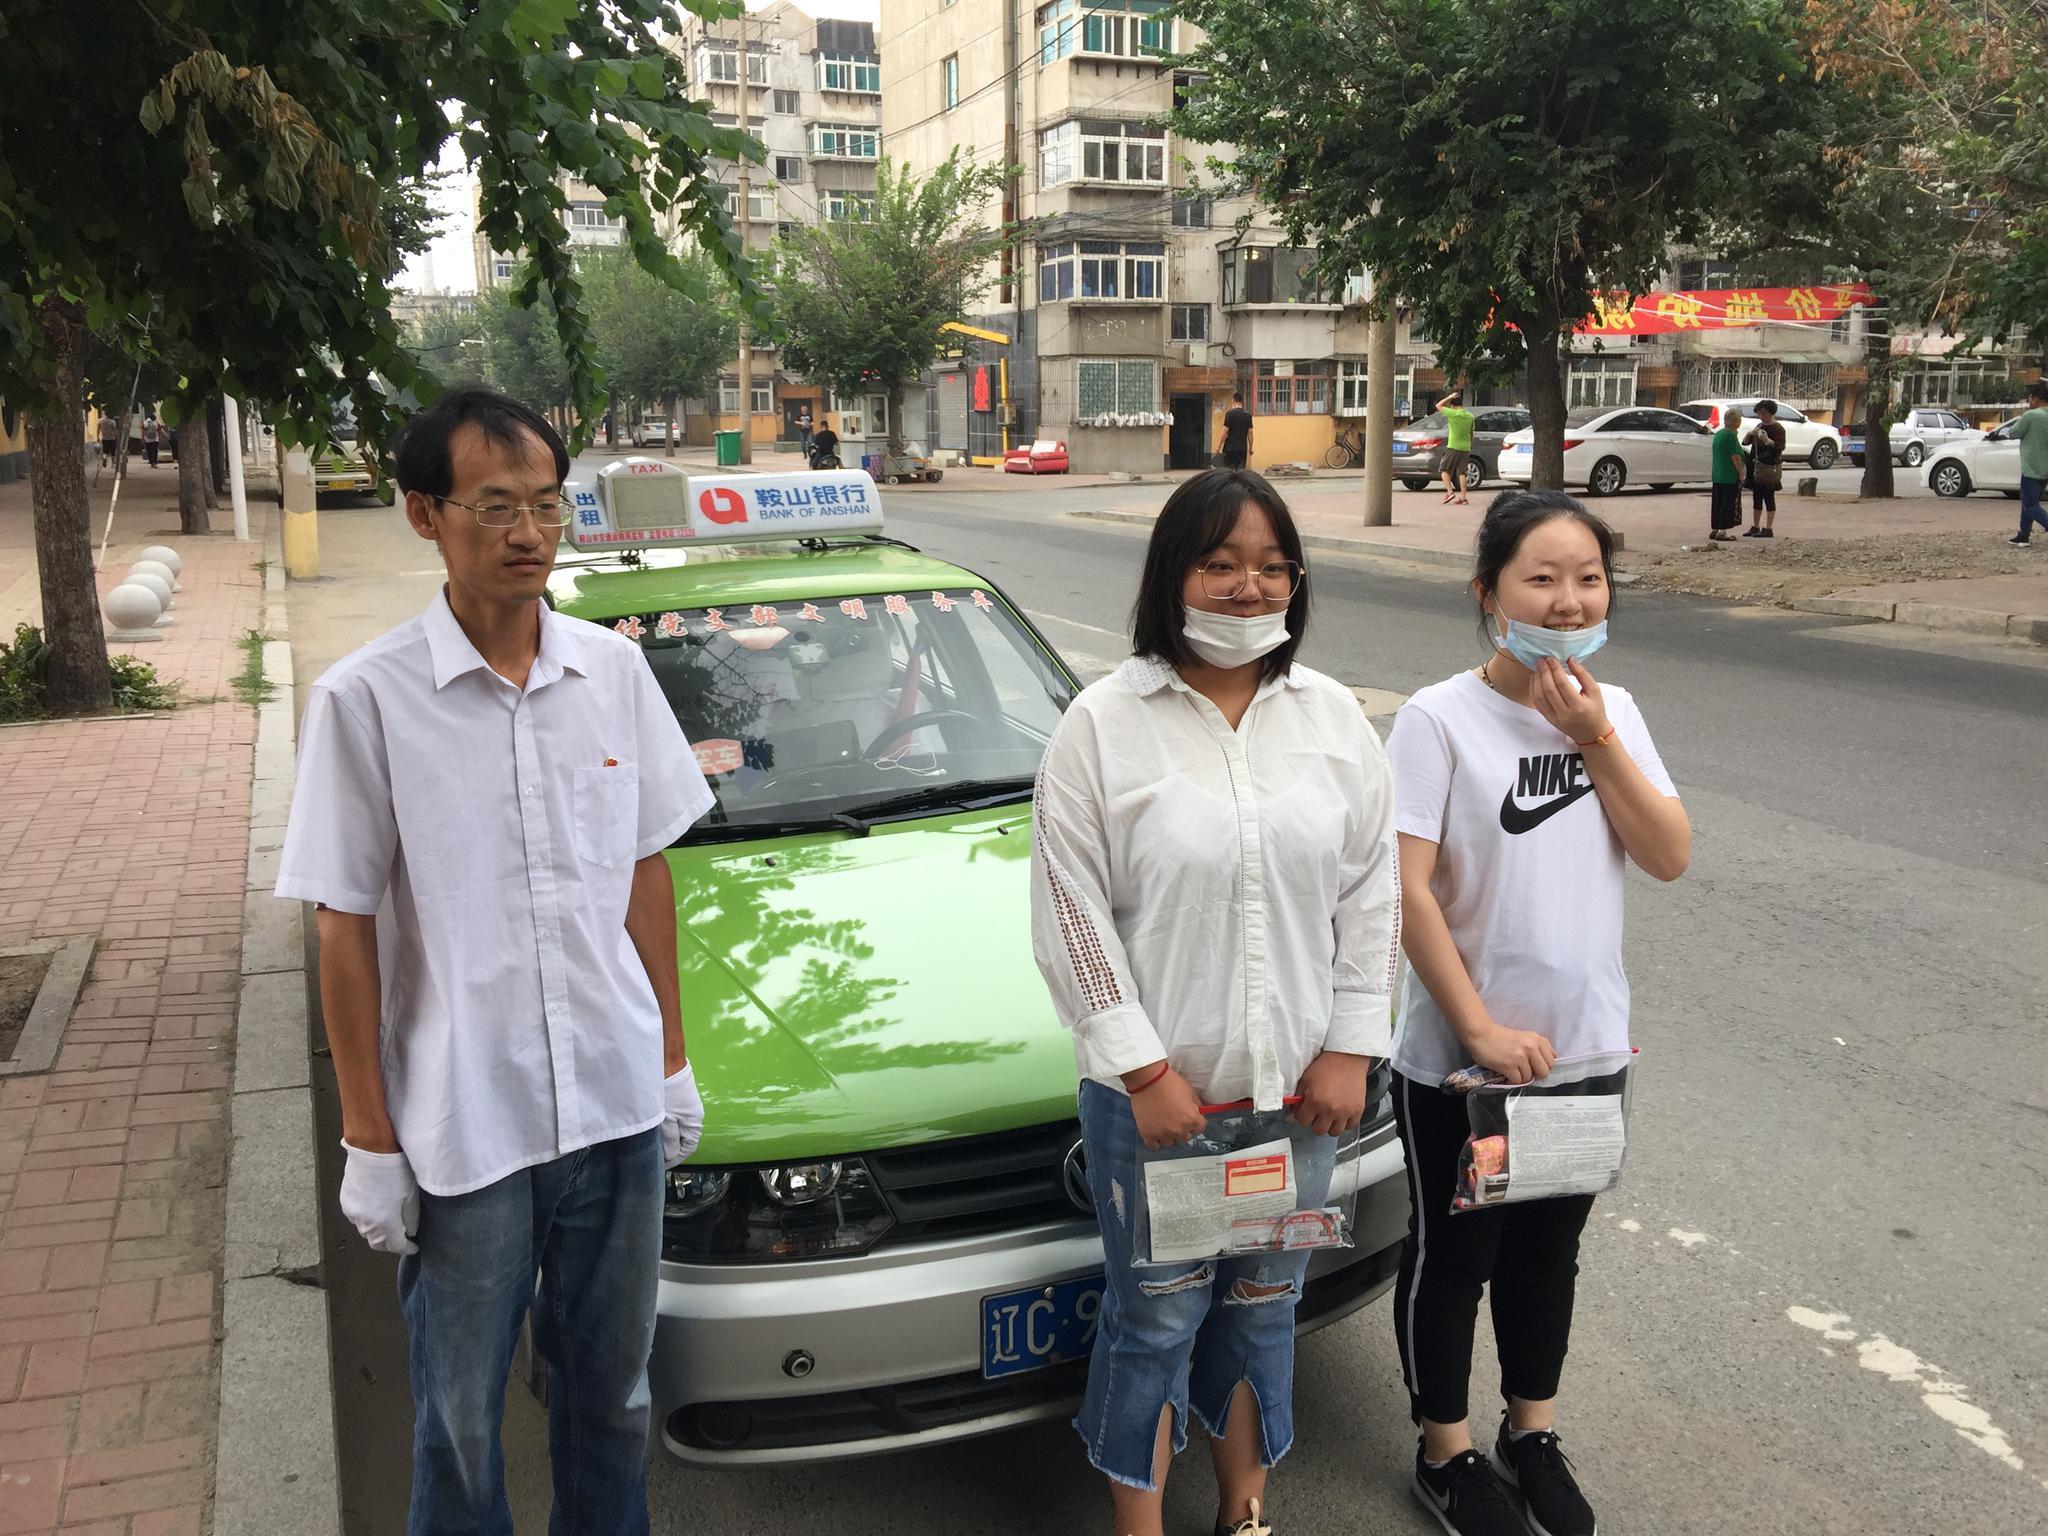 高考首日 鞍山200多辆爱心出租车免费接送考生